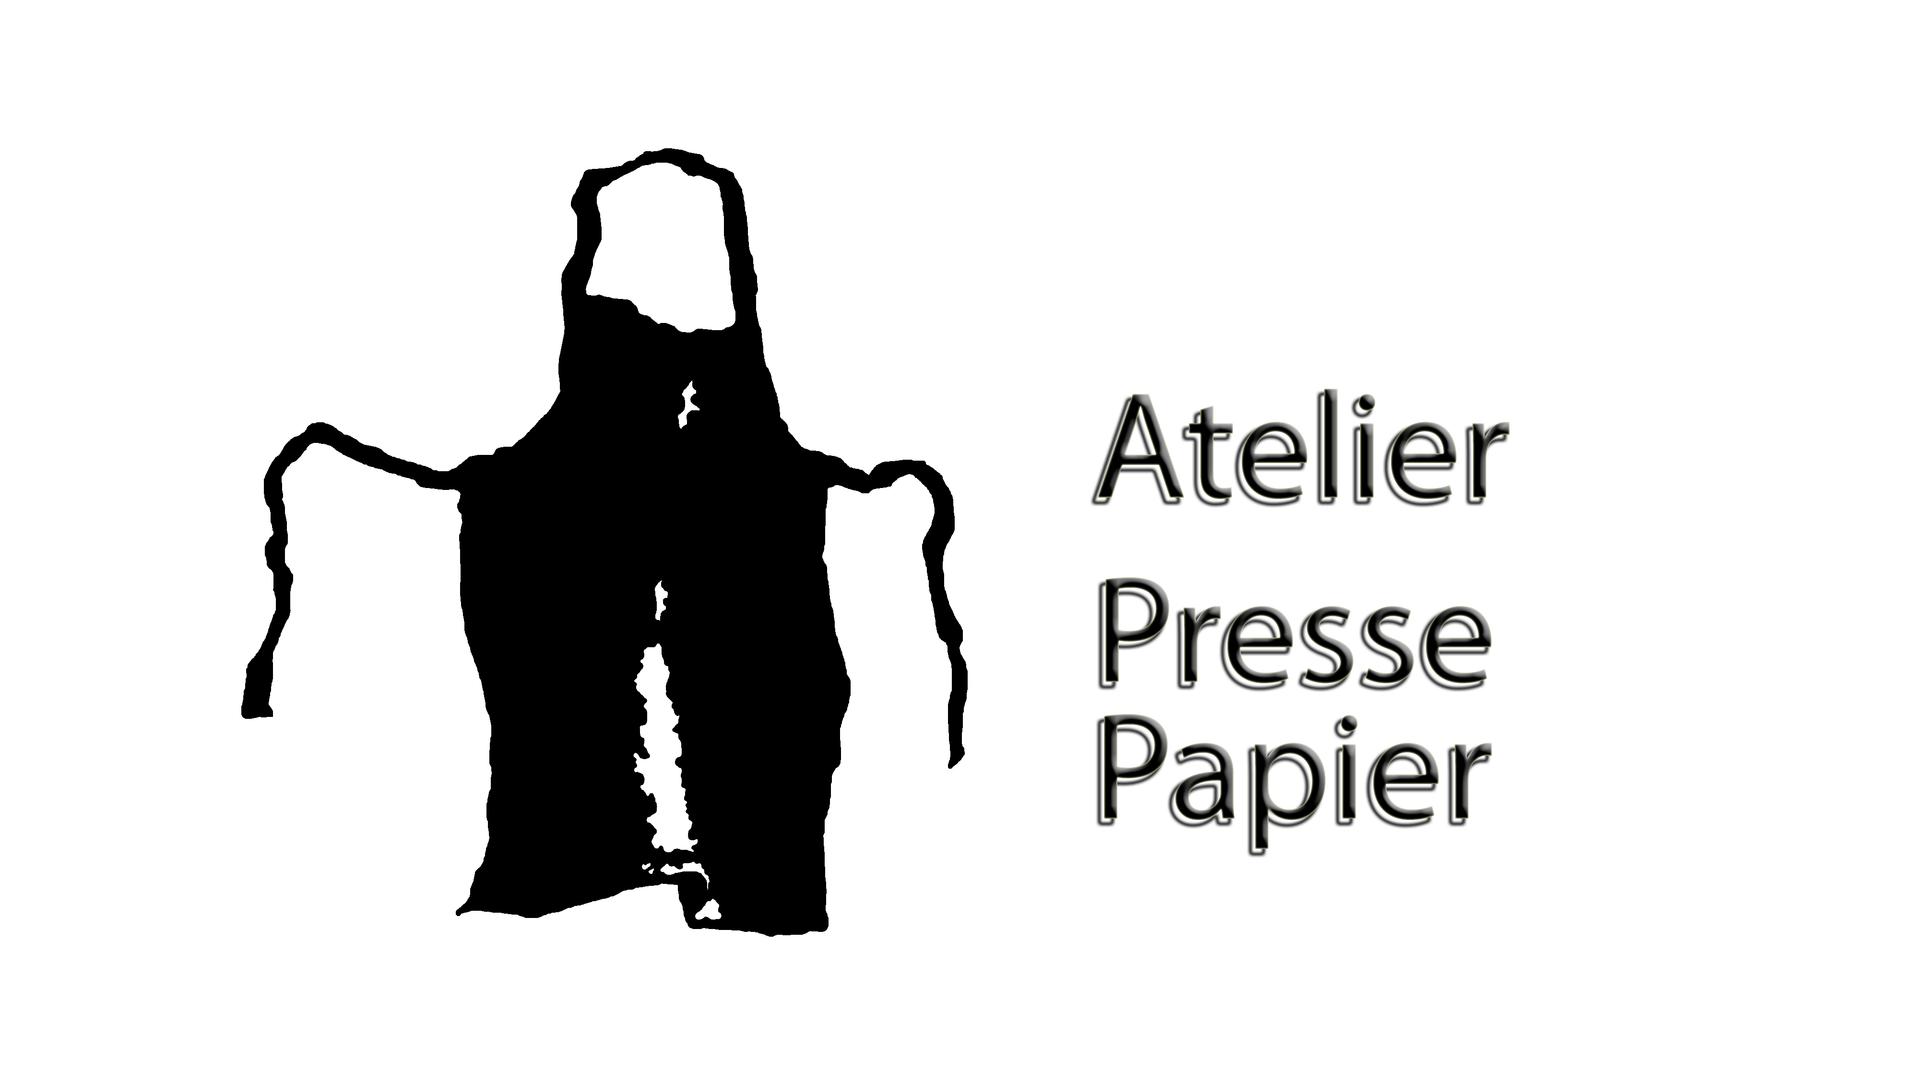 Atelier Presse Papier